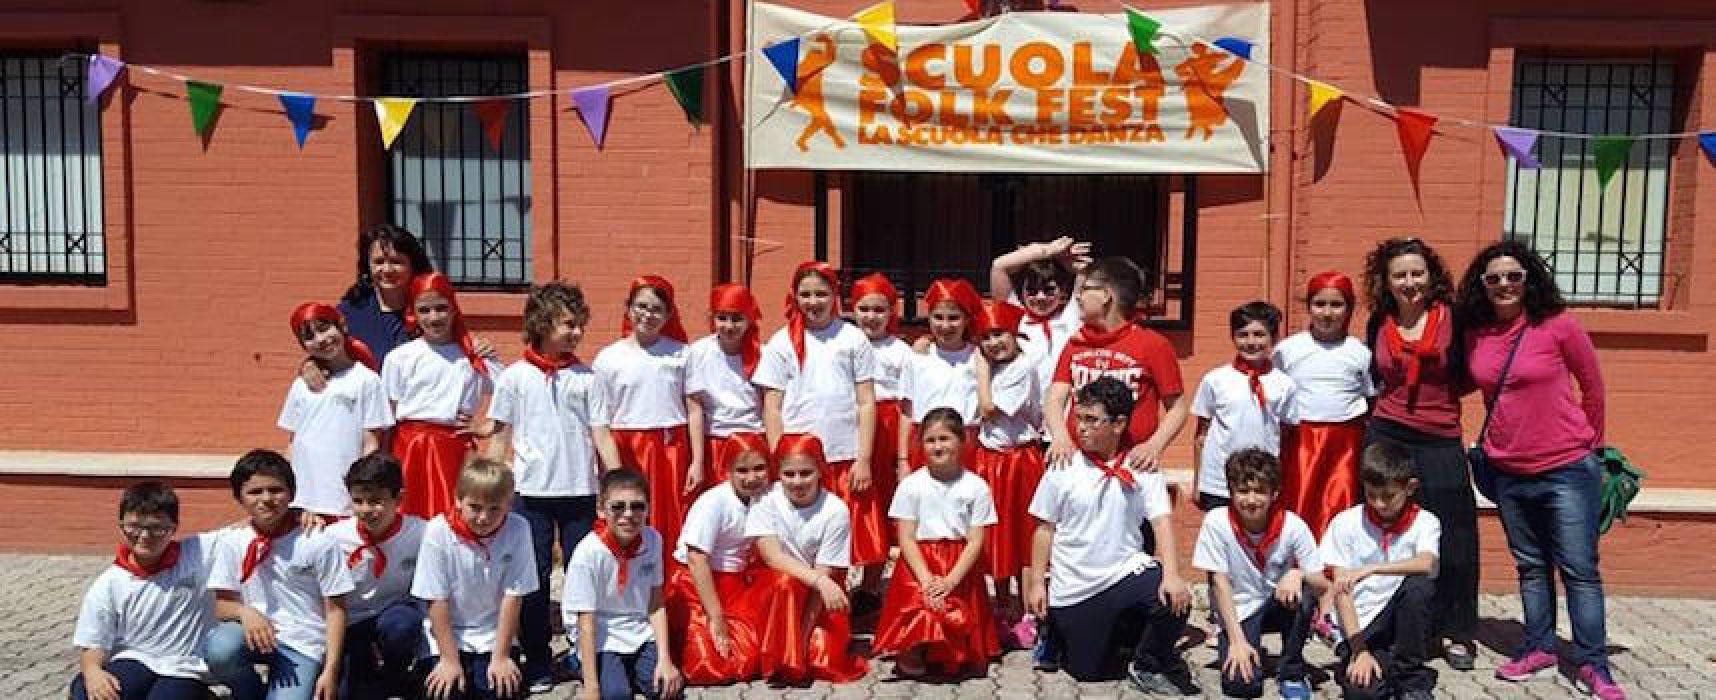 """Scuola FolkFest, giovani alunni animano il parco """"Caduti di Nassirya"""" con le danze popolari"""